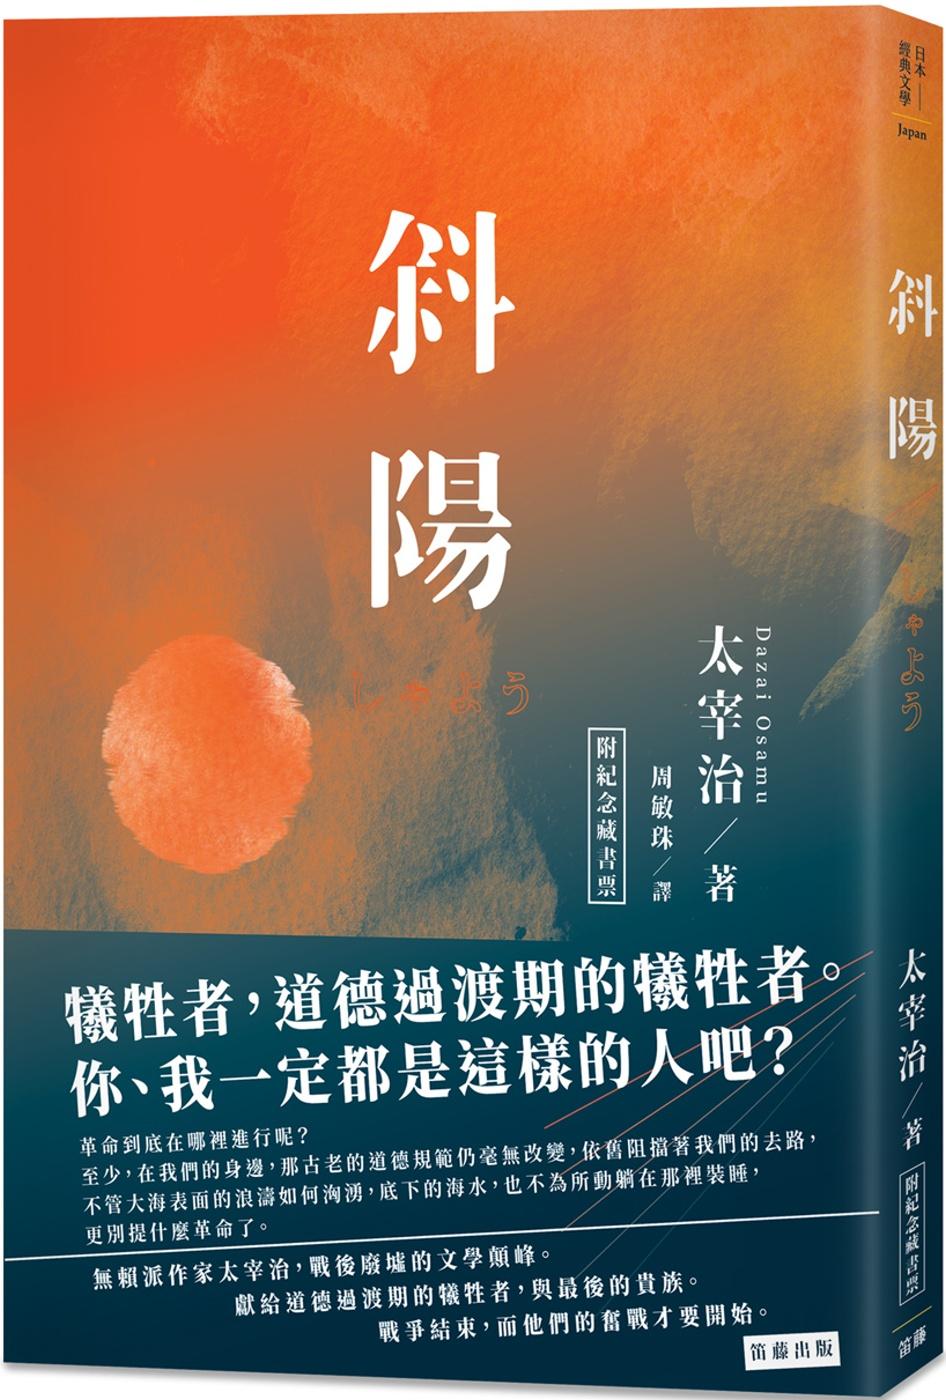 日本經典文學:斜陽(附紀念藏書票)